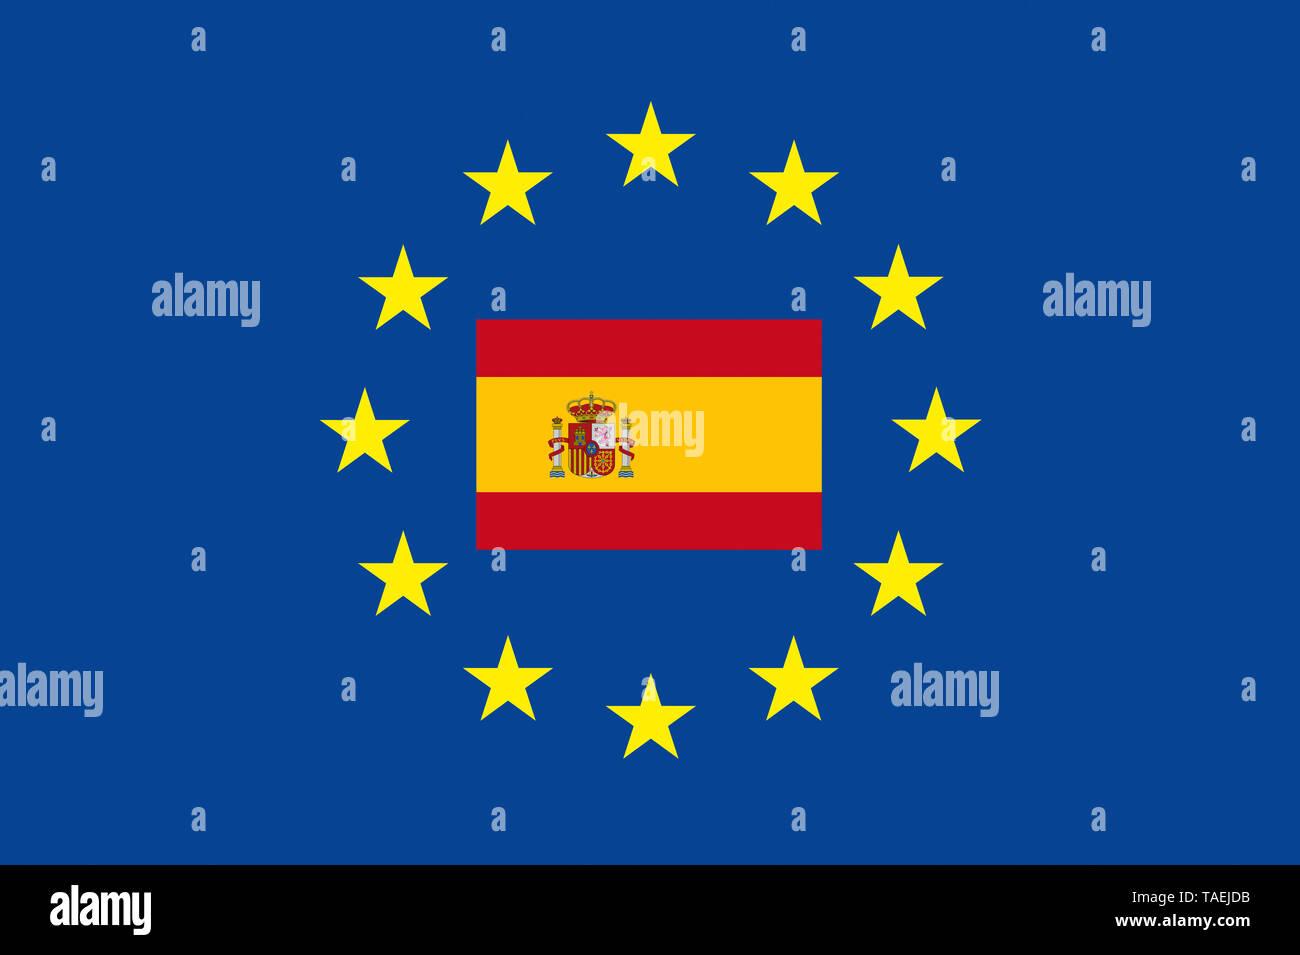 EU-Zeichen mit der Flagge von Spanien, die Sterne schützen symbolisch das Land Spanien, Symbolfoto für Europa - Stock Image